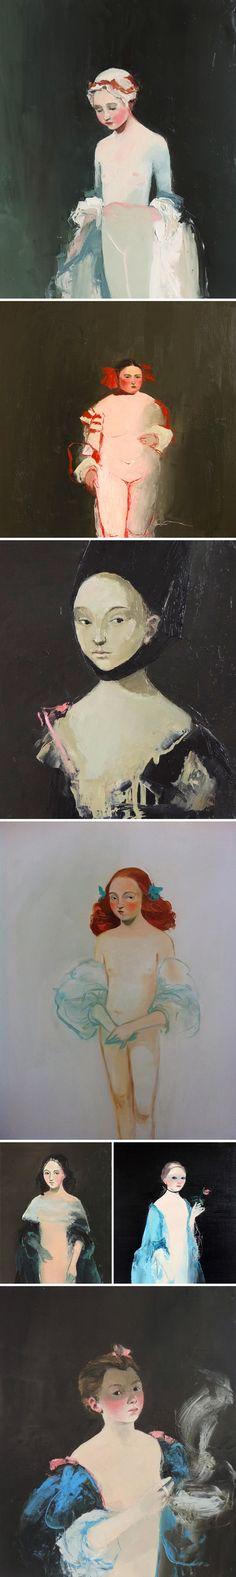 lisa wright artist